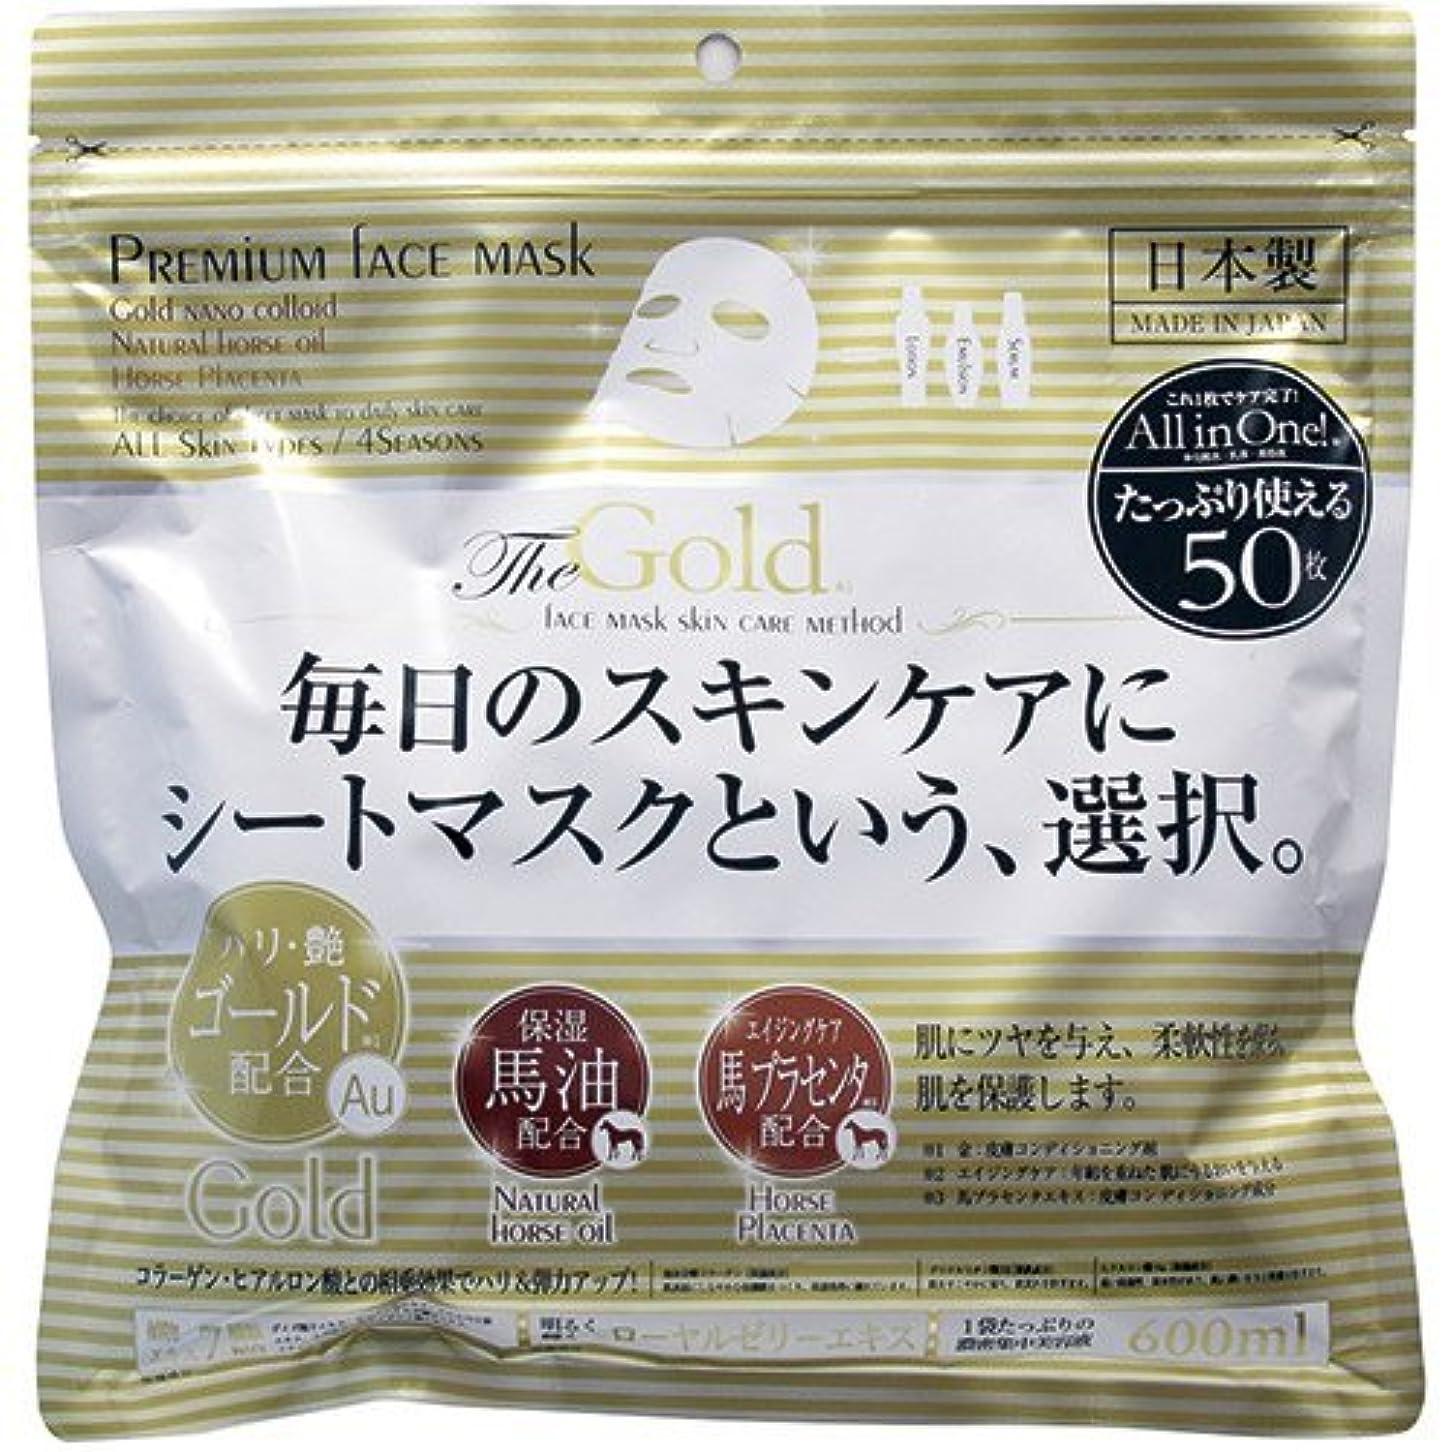 懺悔ケーブル低い【進製作所】プレミアムフェイスマスク ゴールド 50枚 ×5個セット